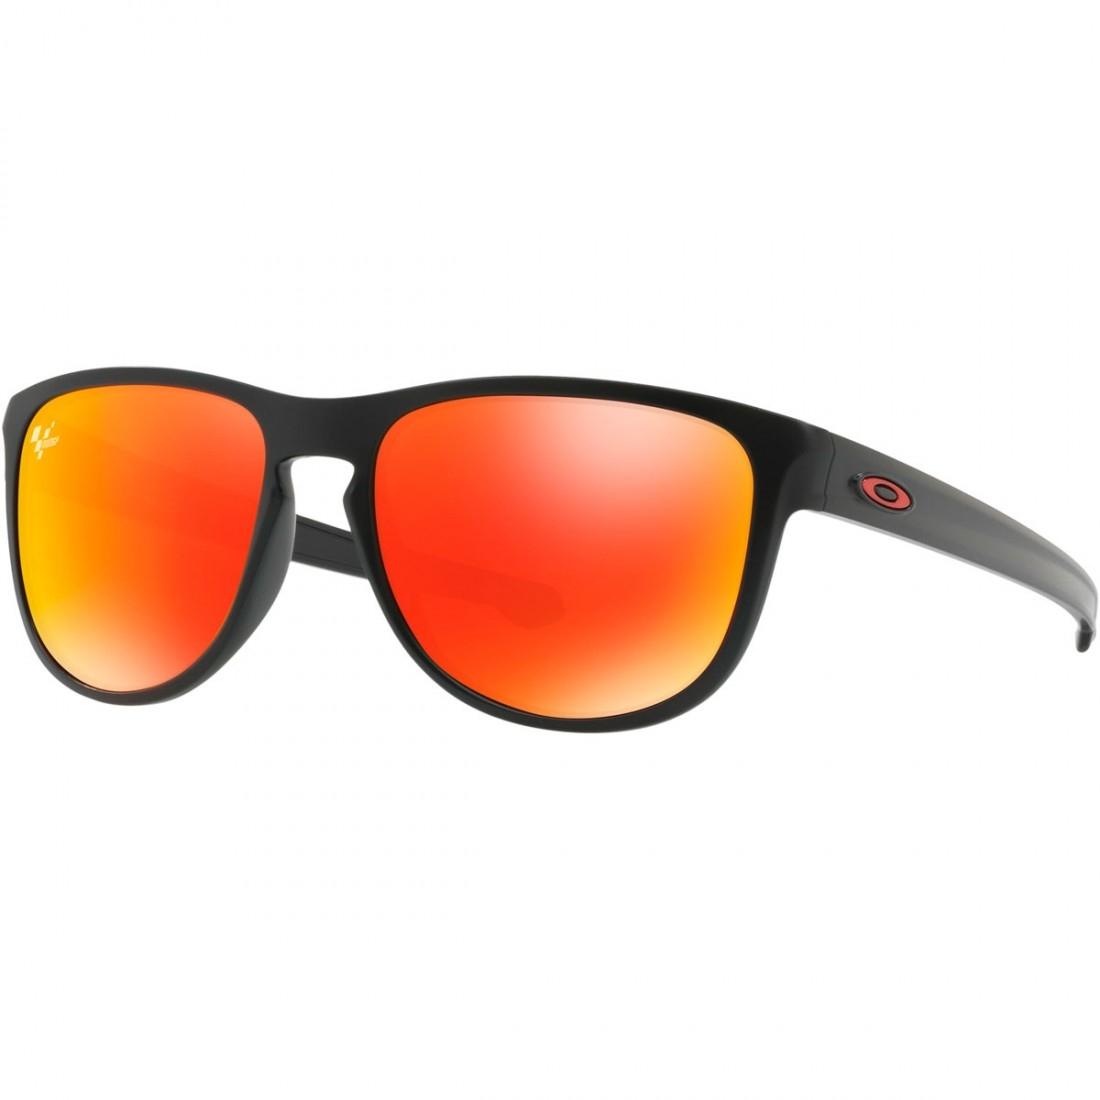 df63a4f1e73 OAKLEY Sliver Round Moto GP Matte Black   Prizm Ruby Sun glasses · Motocard